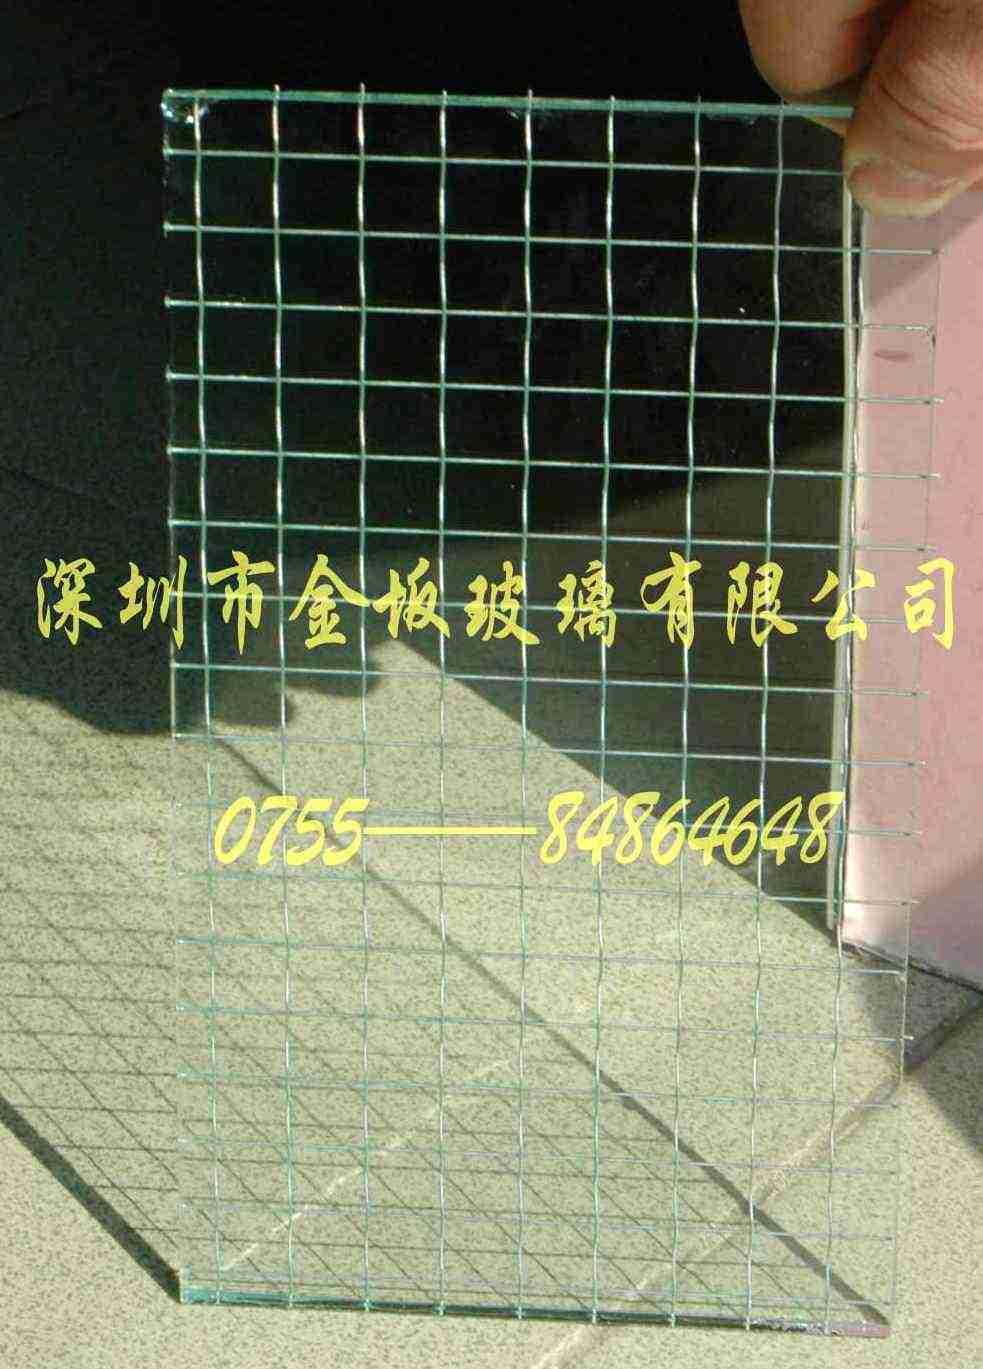 深圳市金坂beplay官方授权有限公司企业形象图片